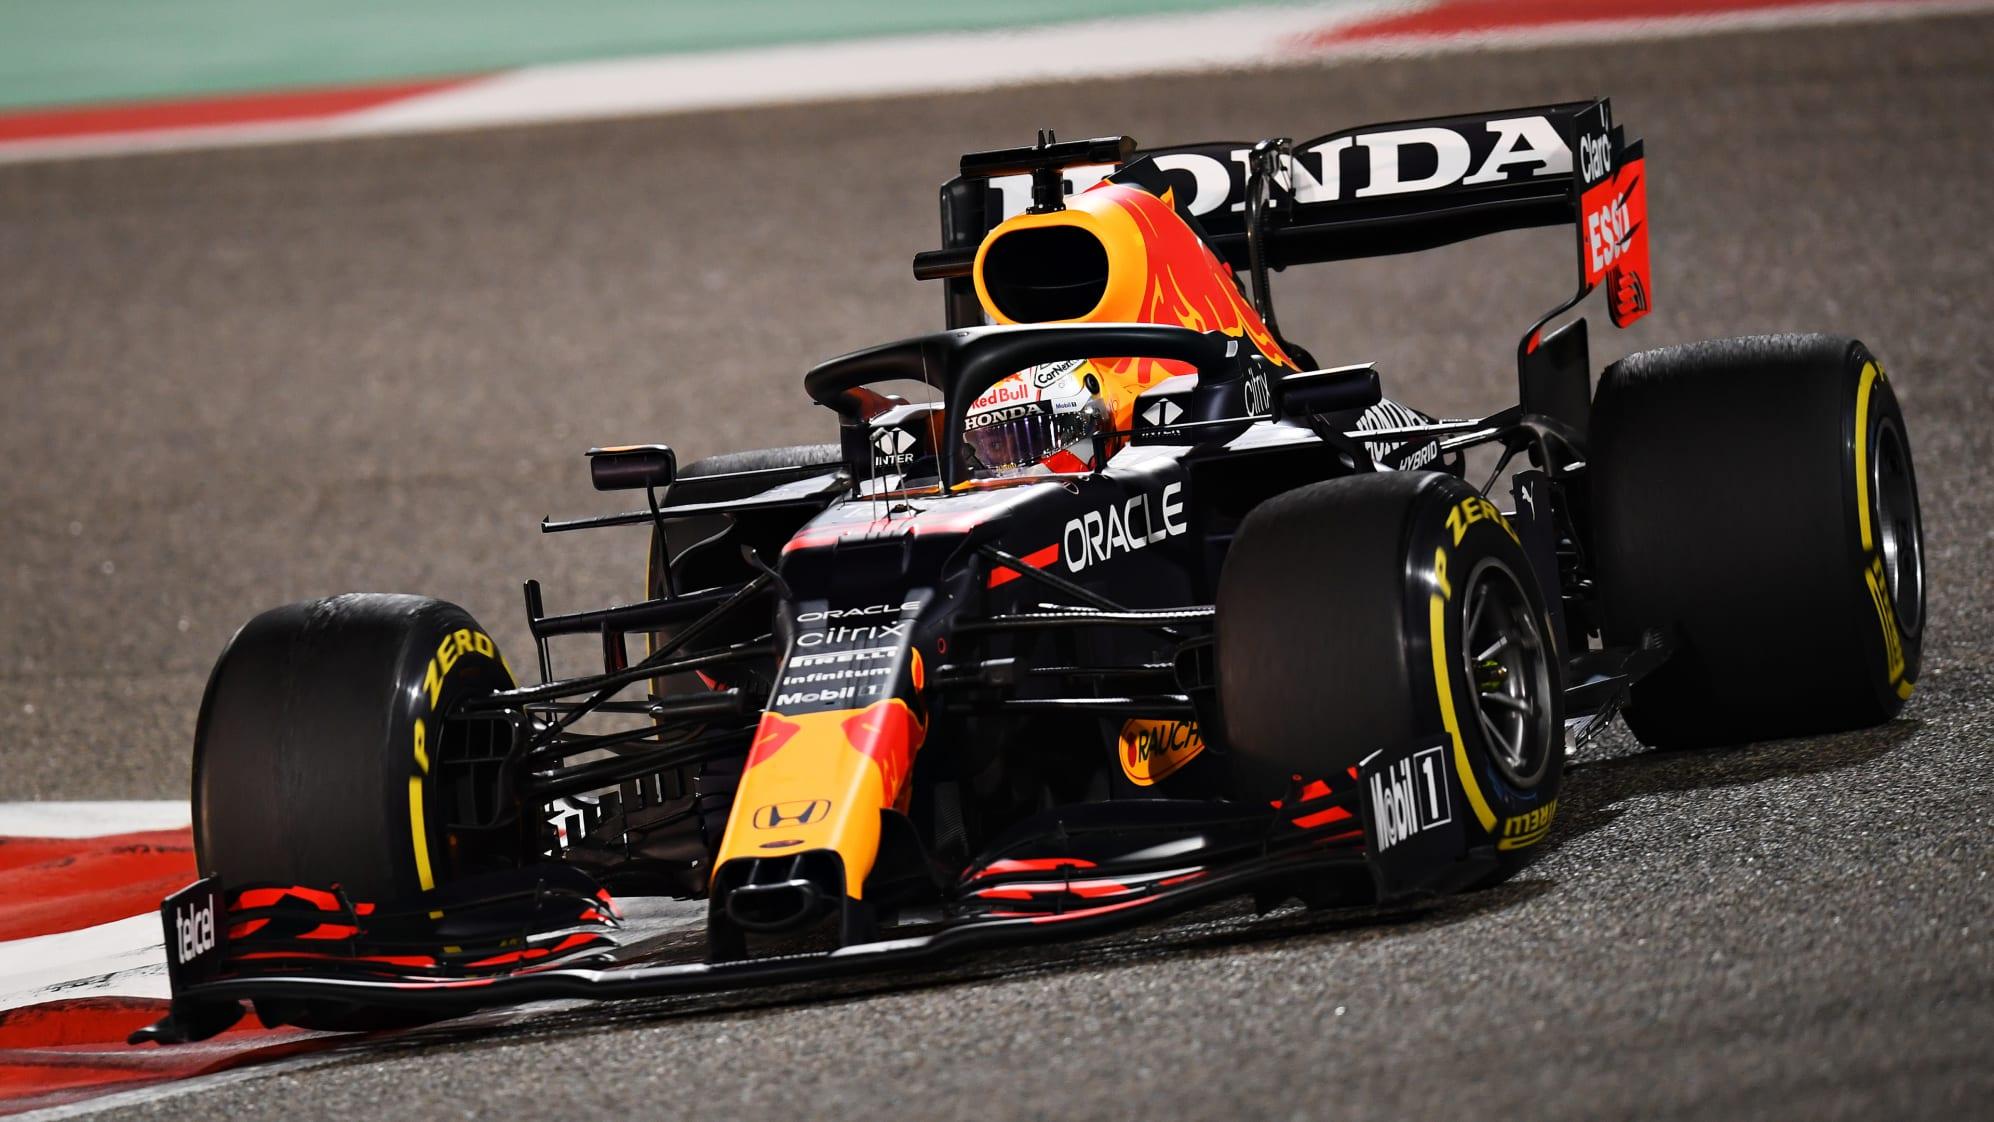 https://www.formula1.com/content/dam/fom-website/sutton/2021/Bahrain/Sunday/1309610859.jpg.transform/9col-retina/image.jpg